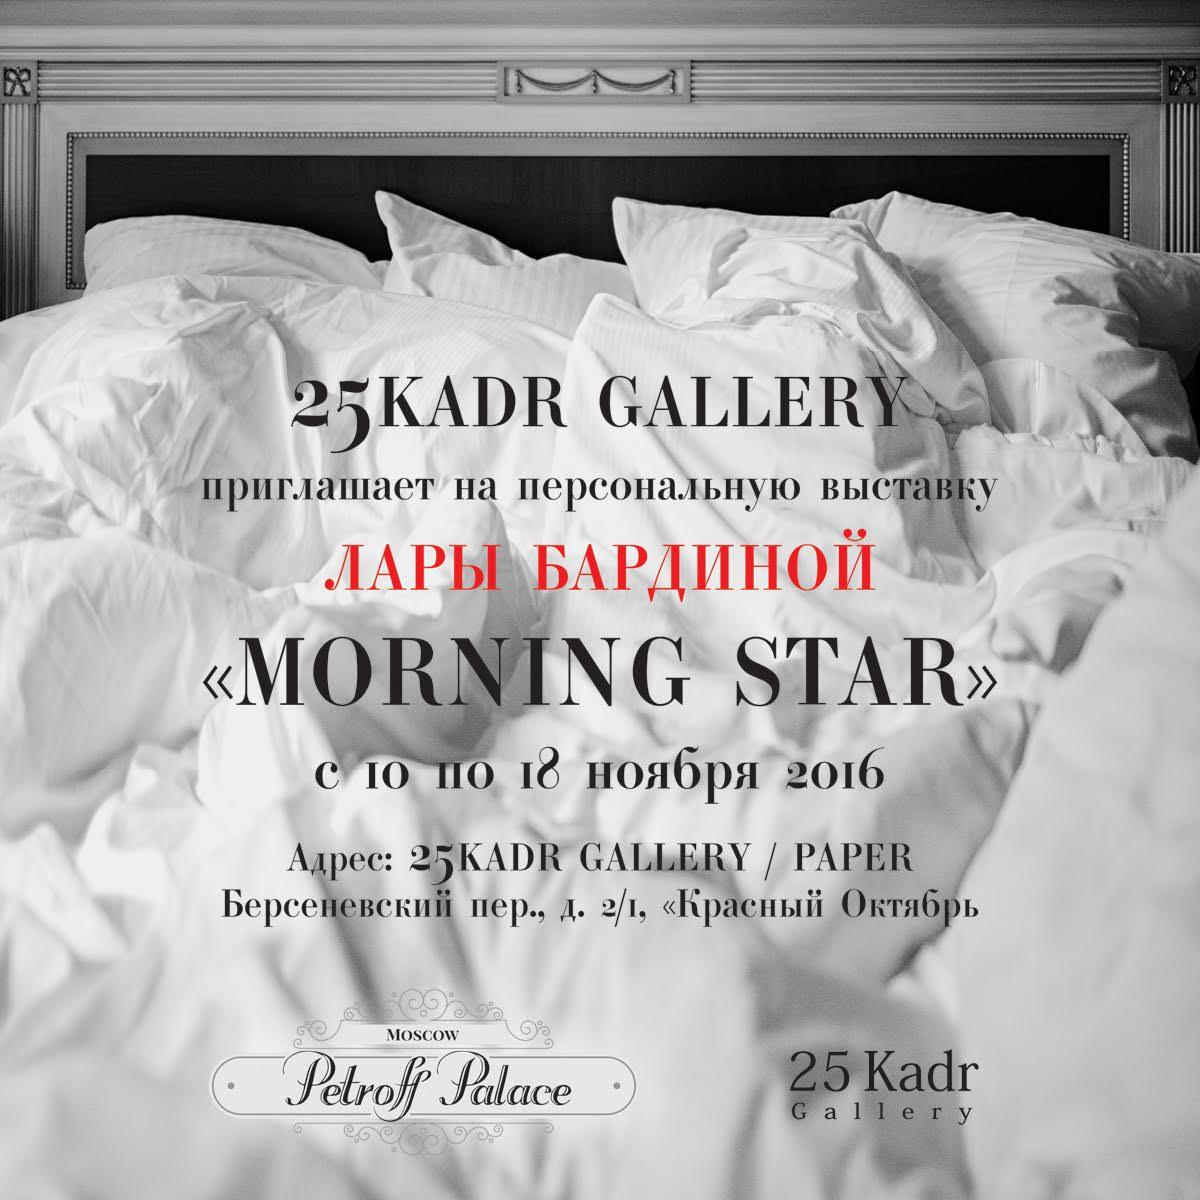 """Анонс: Выставка """"MORNING STAR"""" фотографа Лары Бардиной в 25KADR GALLERY"""